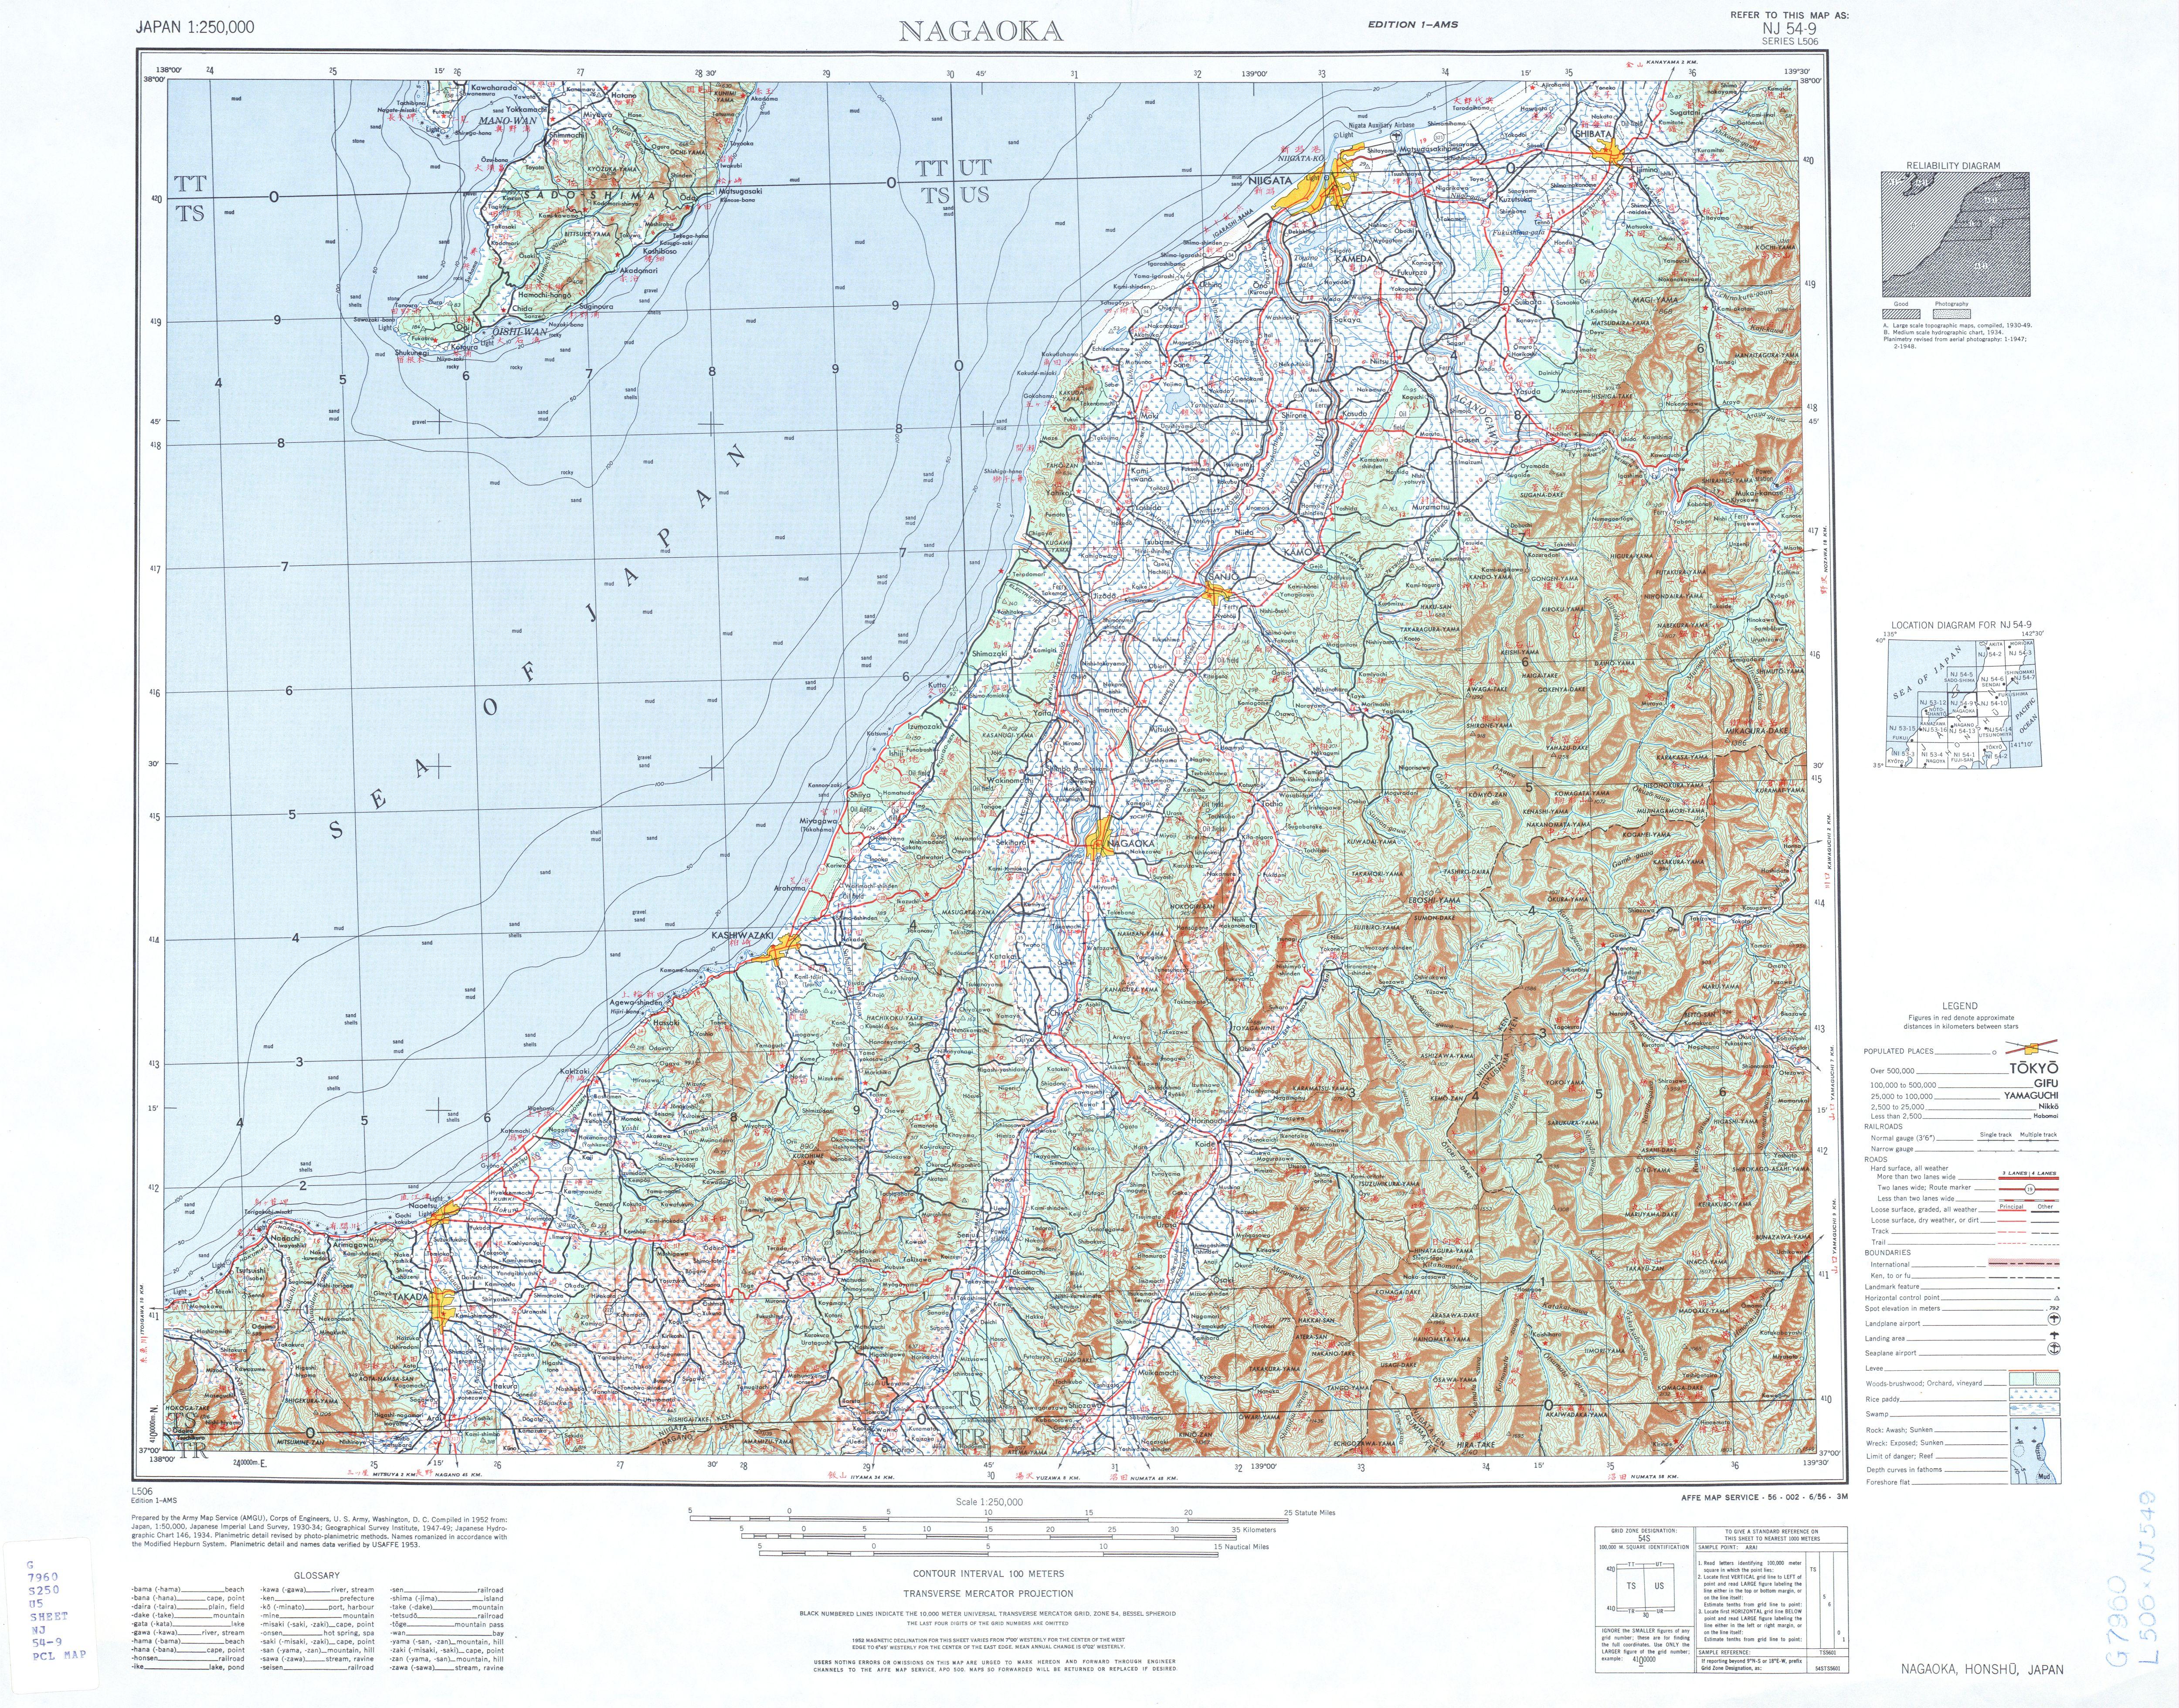 Hoja Nagaoka del Mapa Topográfico de Japón 1954